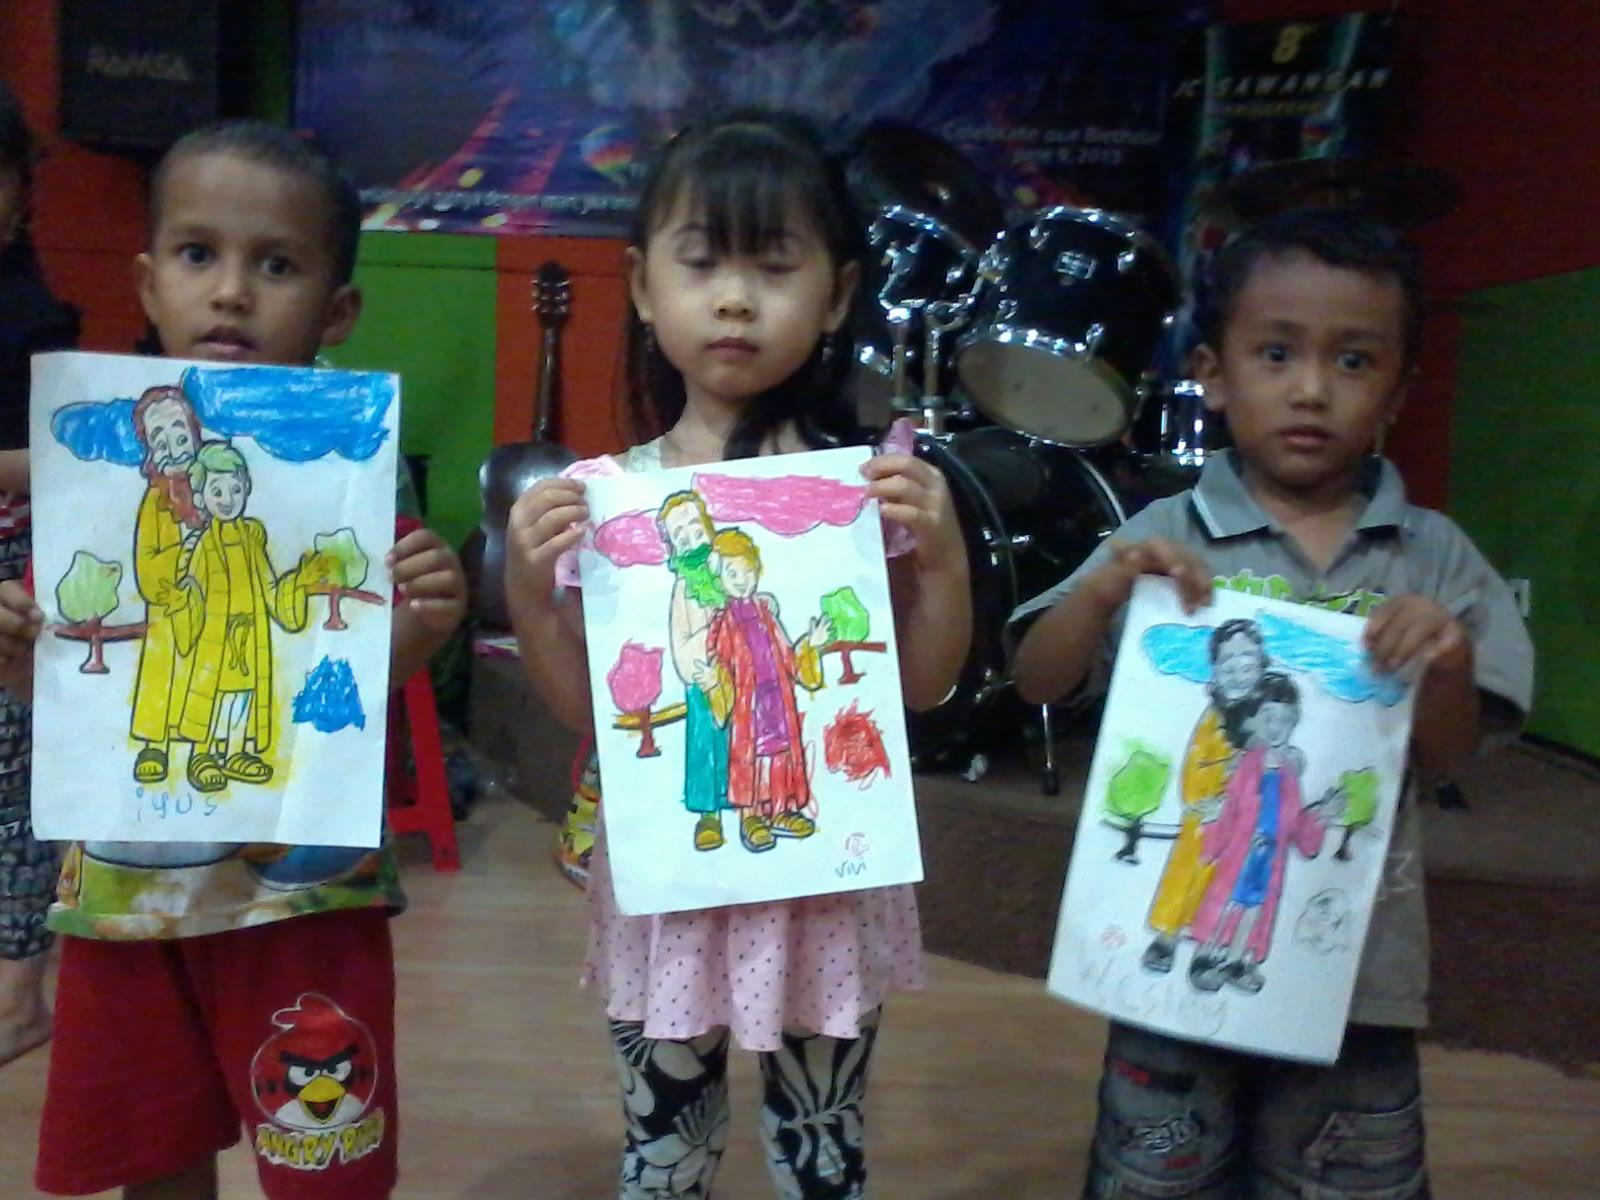 Gambar Pemenang Lomba Mewarnai Sekolah Minggu Sore Gereja Anak Kumpulan